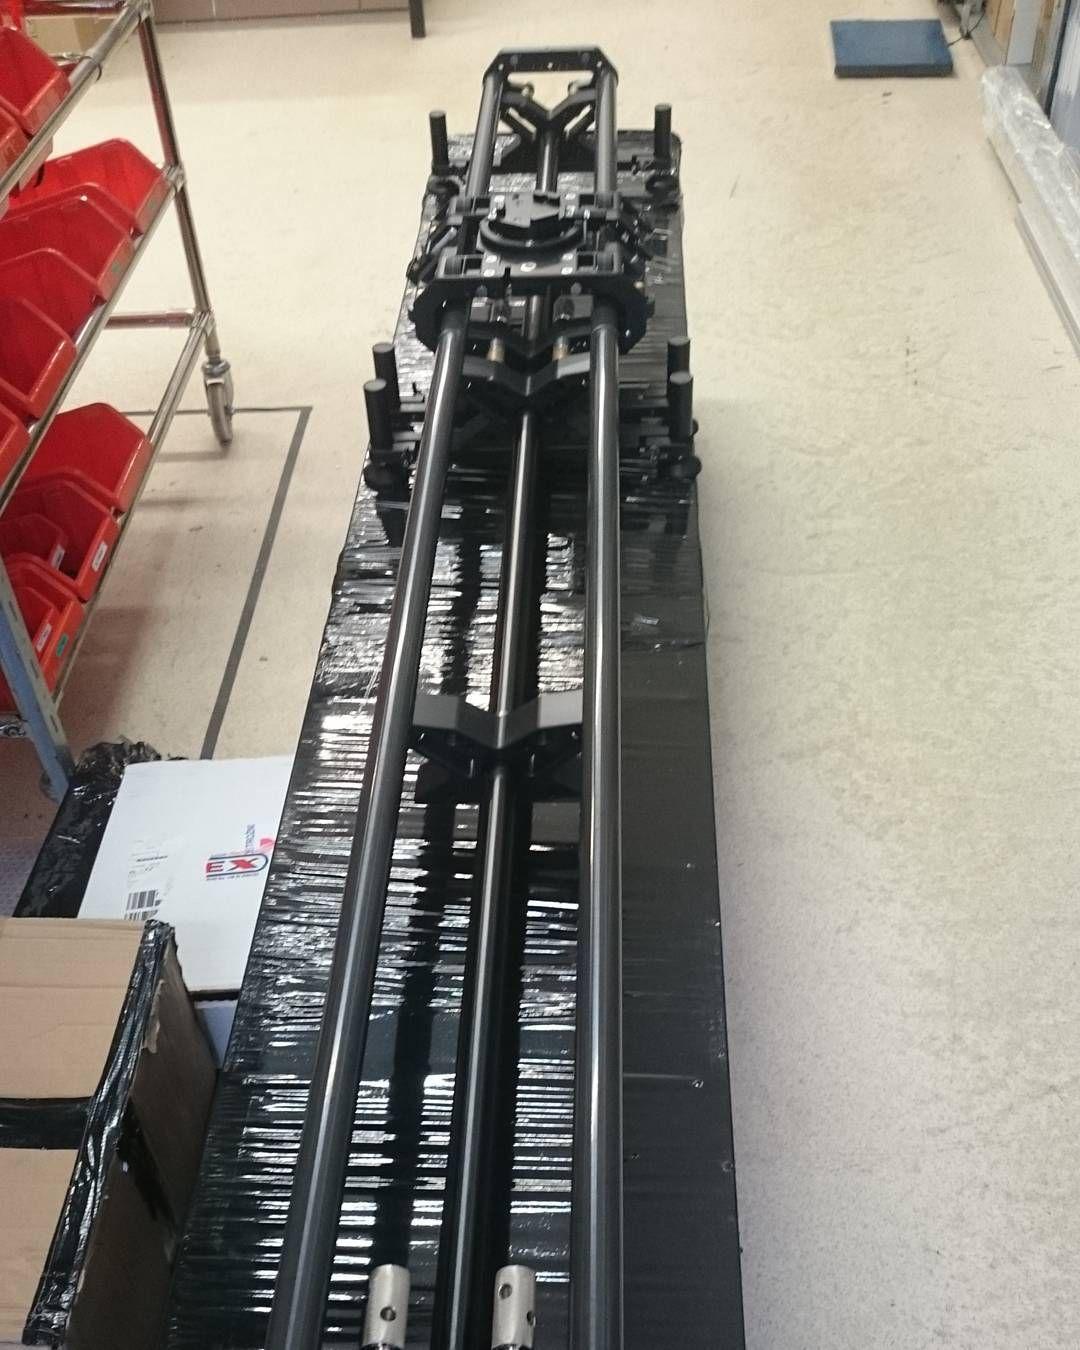 Slidekamera ATLAS MODULAR (length 2 m) #slidekamera #filmmaking #videoproduction #cinematography #movie